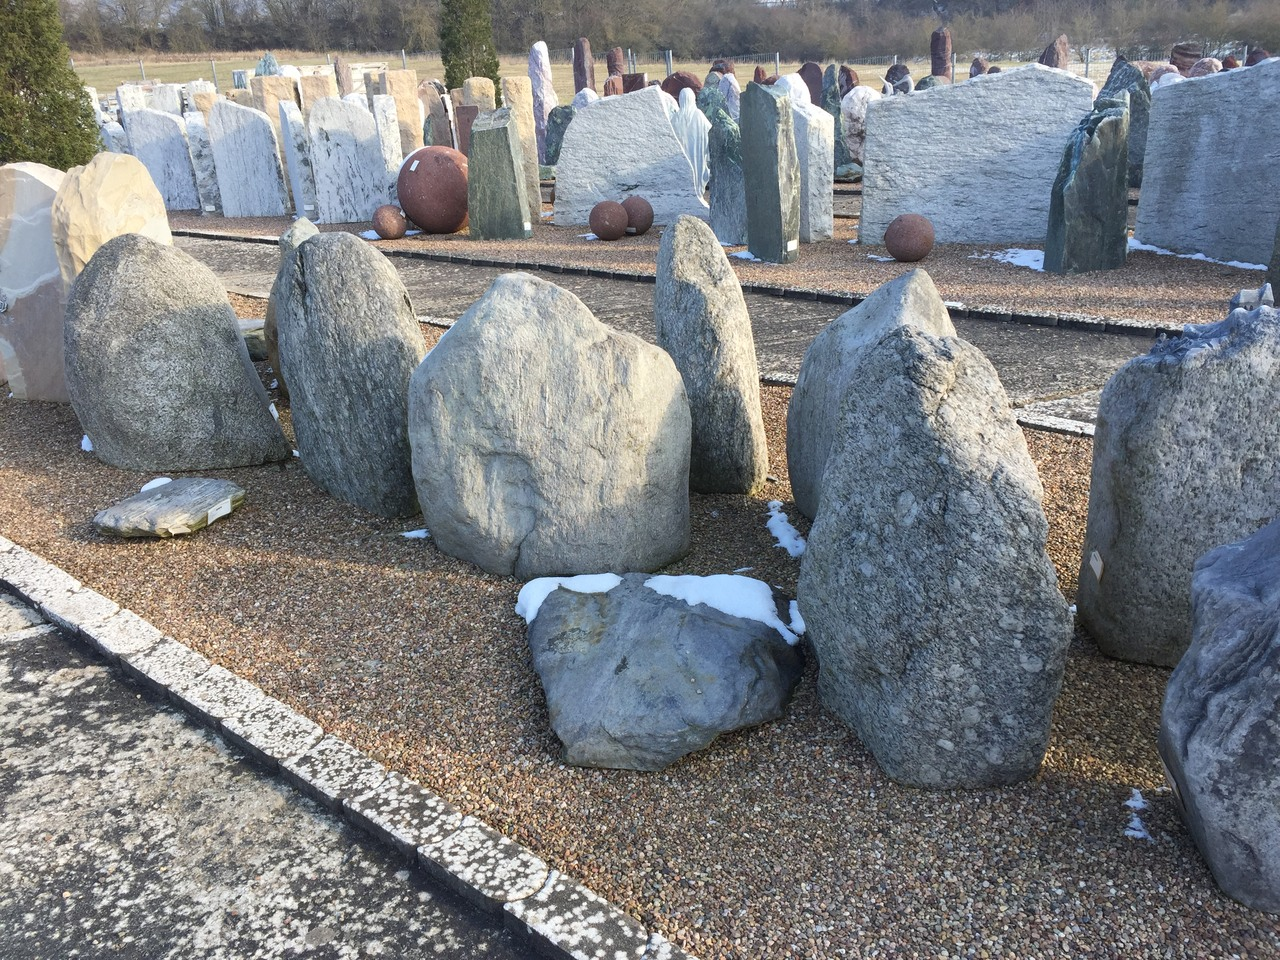 Flussfindlinge ähneln früheren Grabsteinen aus einer Zeit, in der die Steine noch naturbelassen ein Grabmal symbolisierten